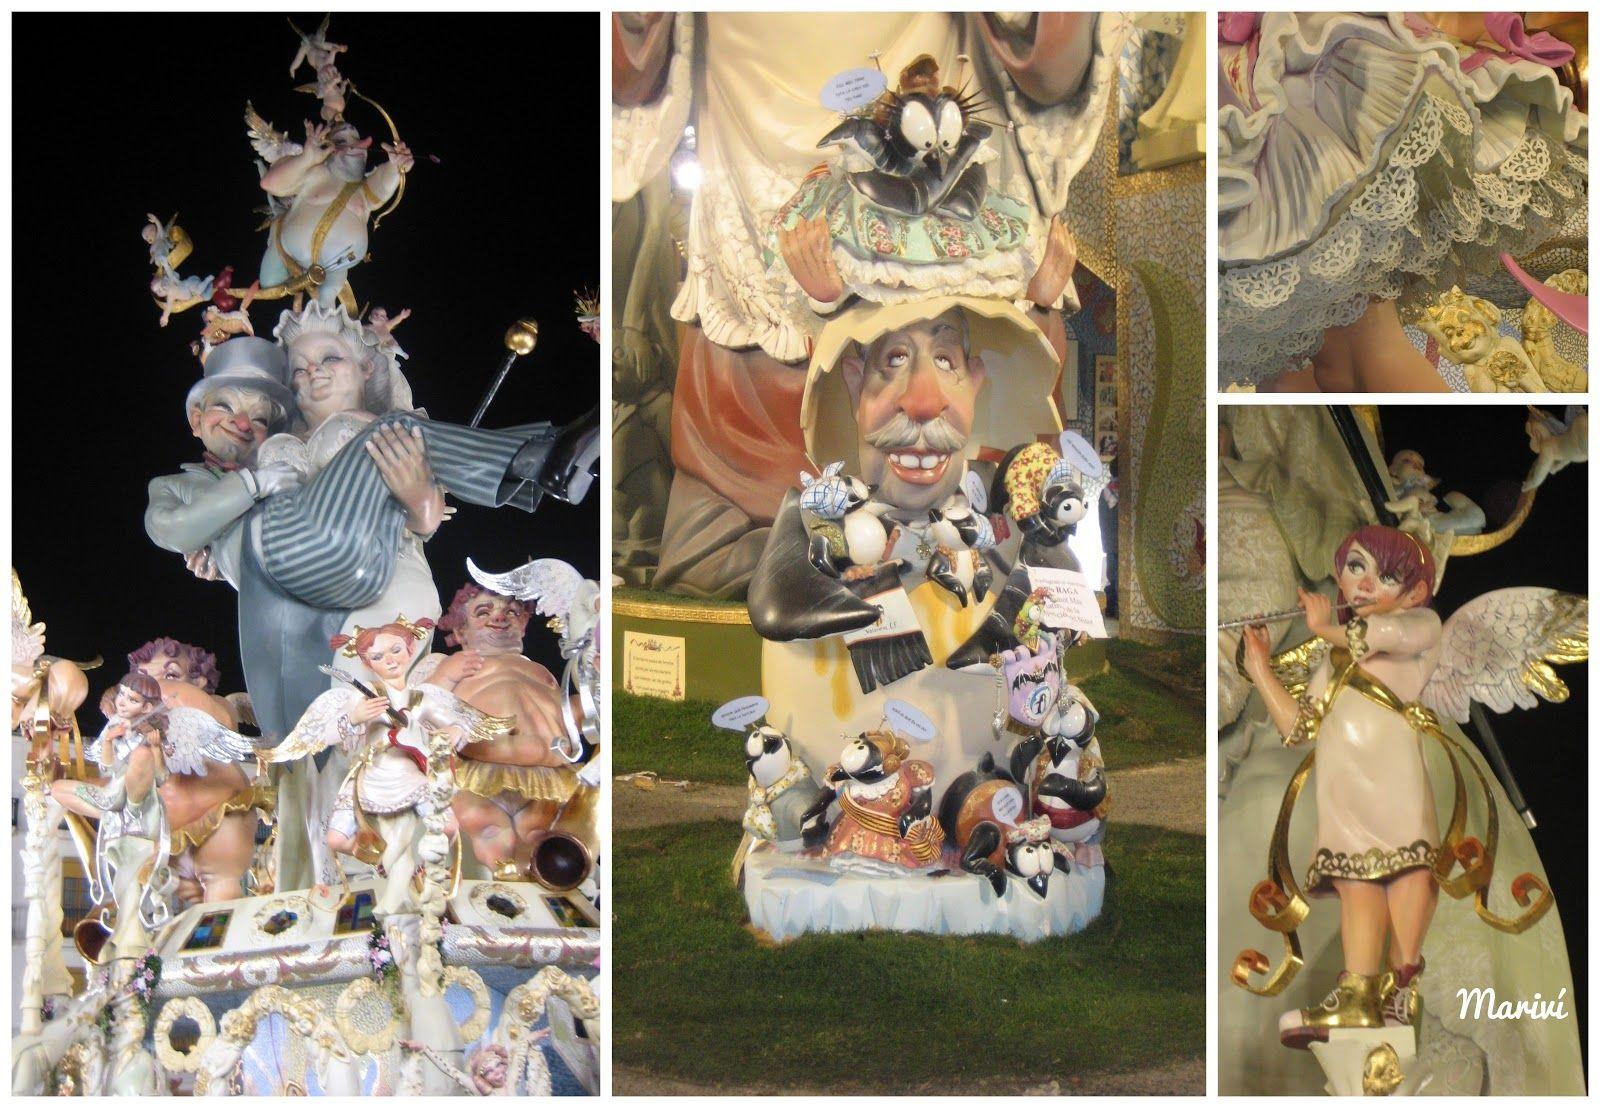 Falla Convento Jerusalén 2006    10 cosas que no debes perderte en Fallas.: ¿Te he convencido y has venido a las Fallas?¡Bien!